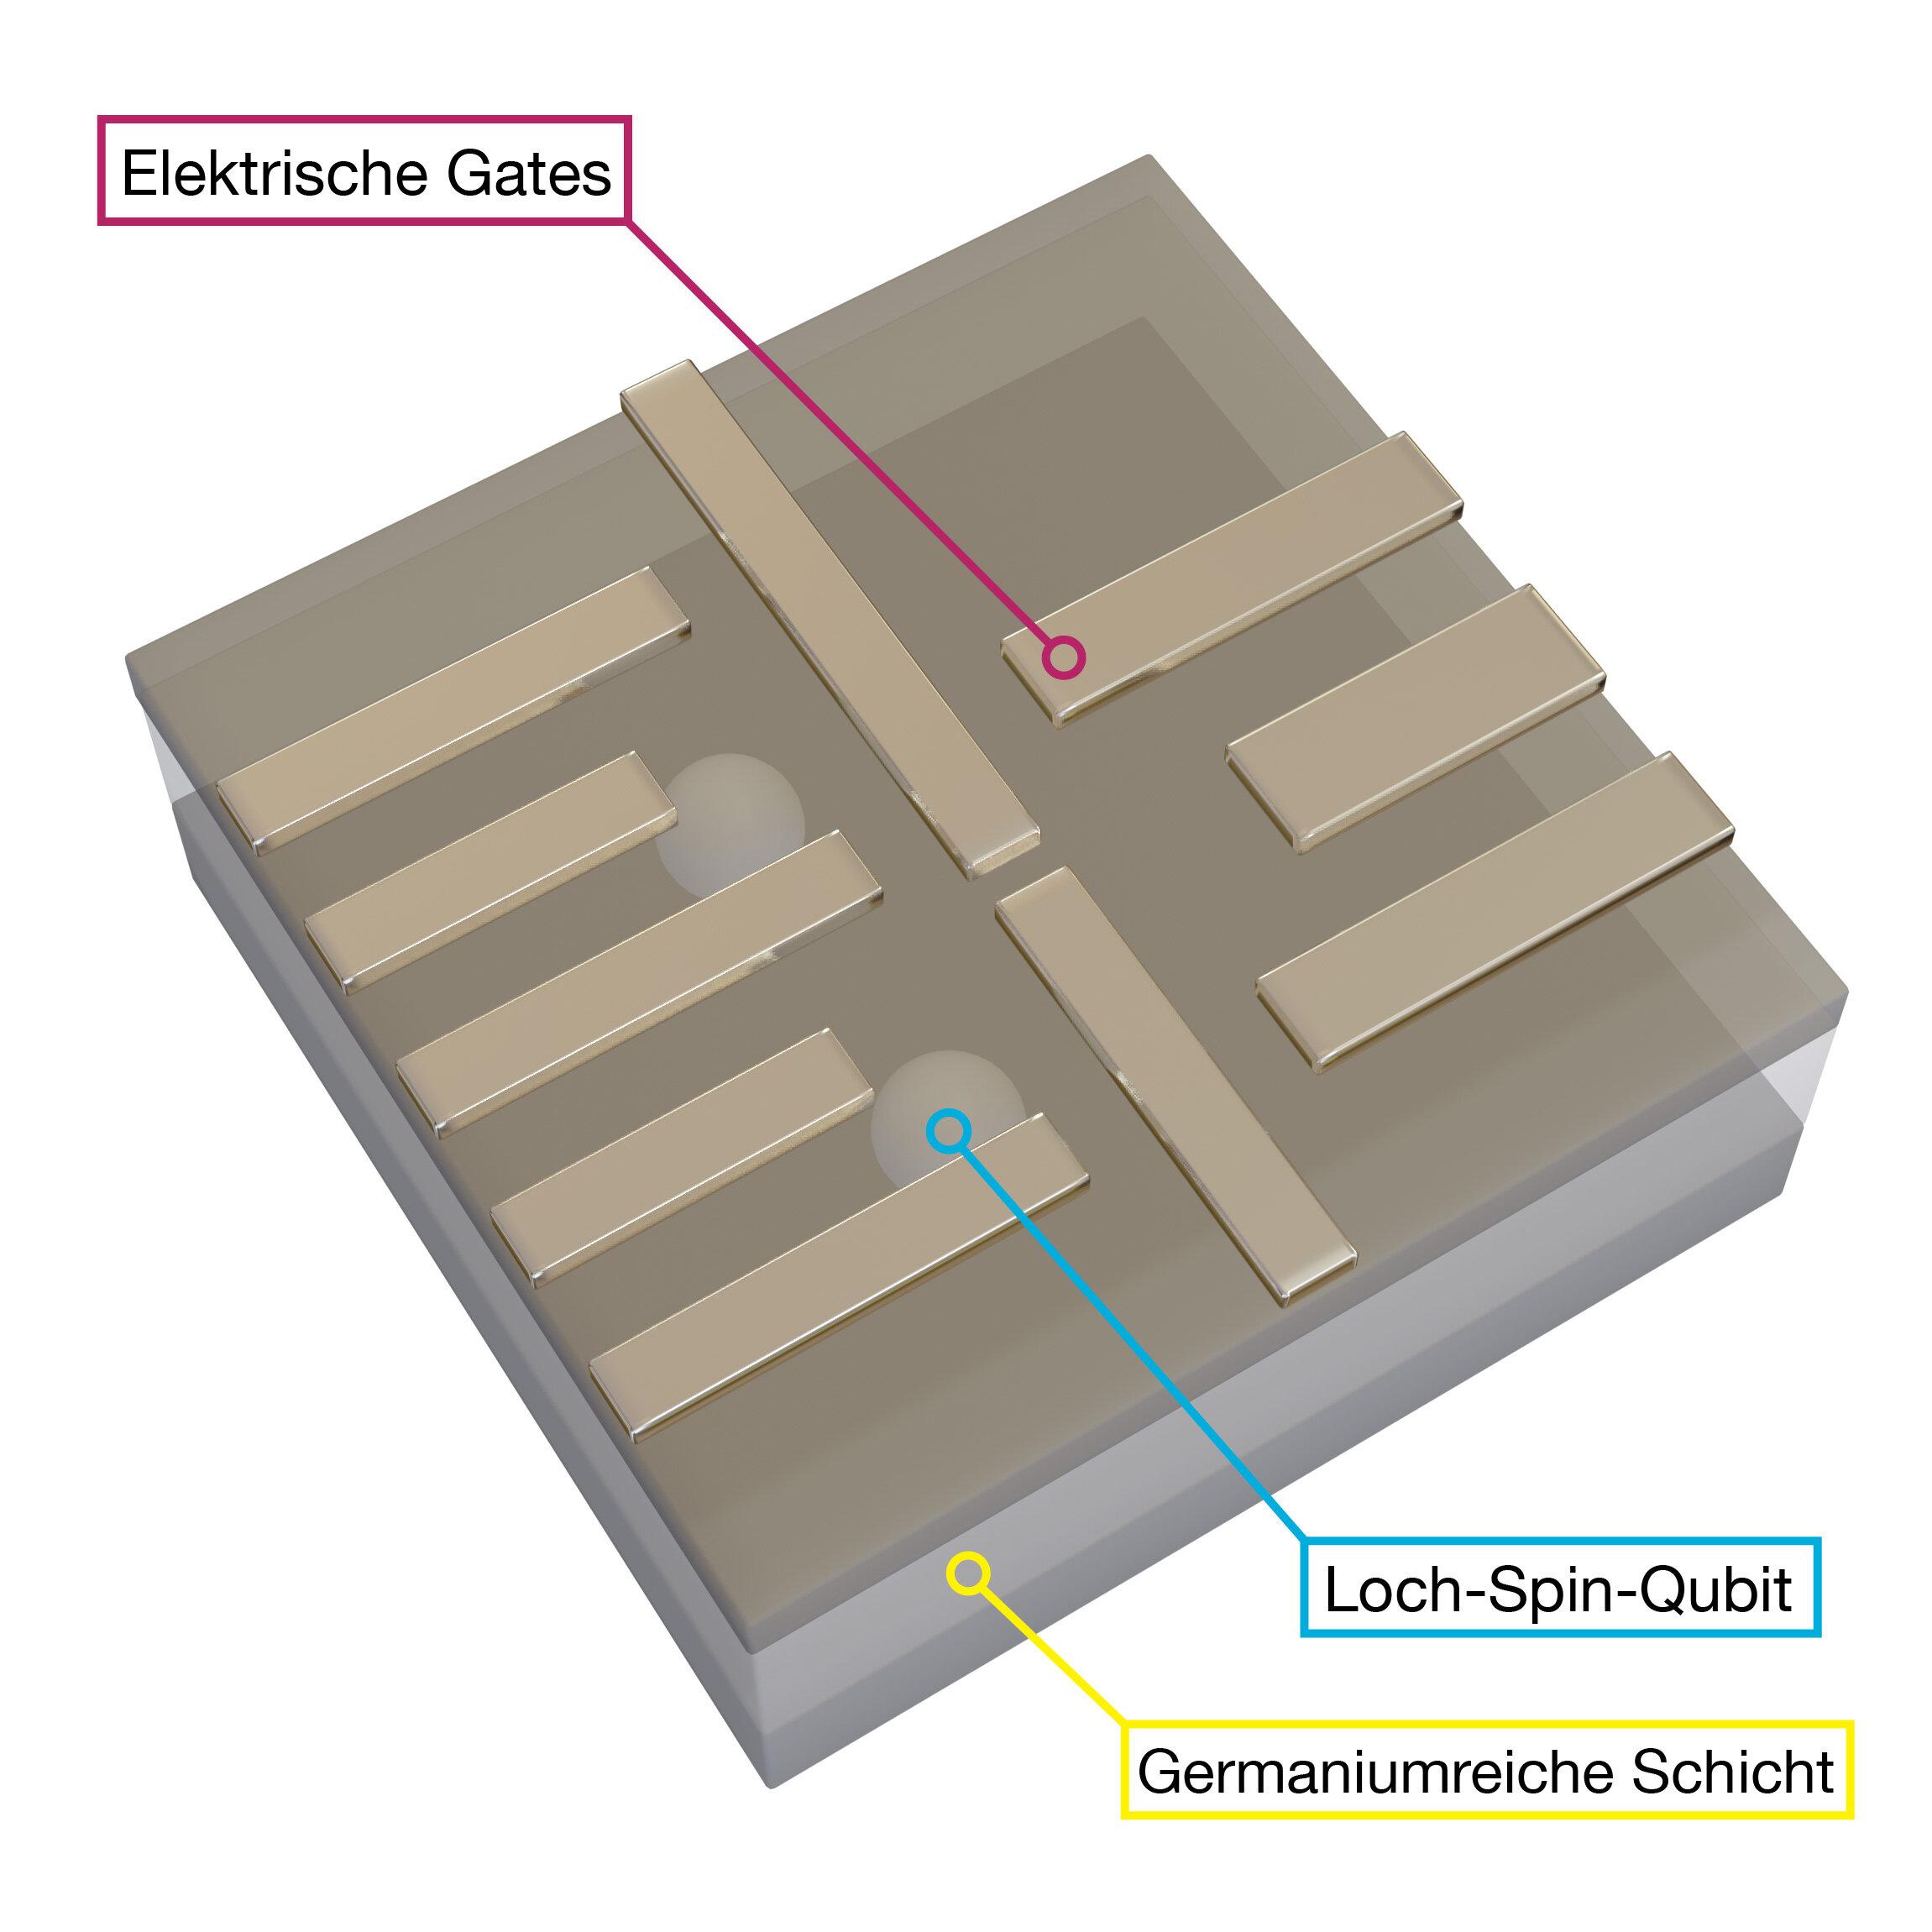 Quantum computing with holes